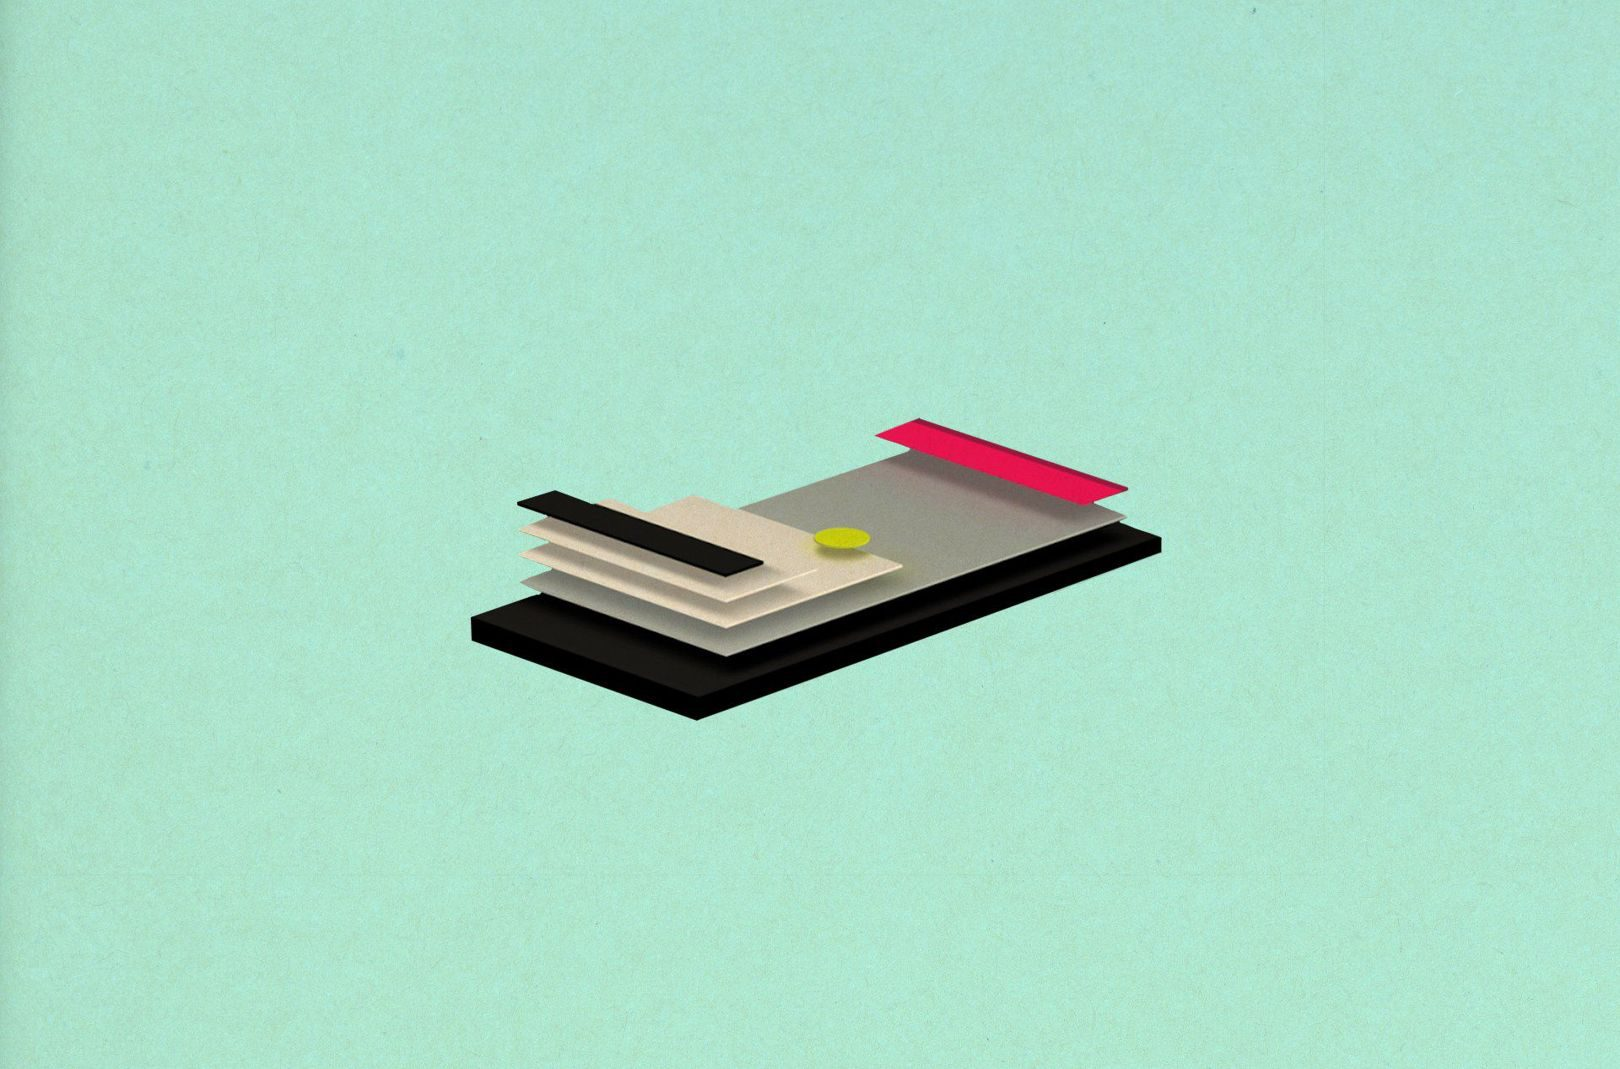 Googles Material Design Mockup 2014